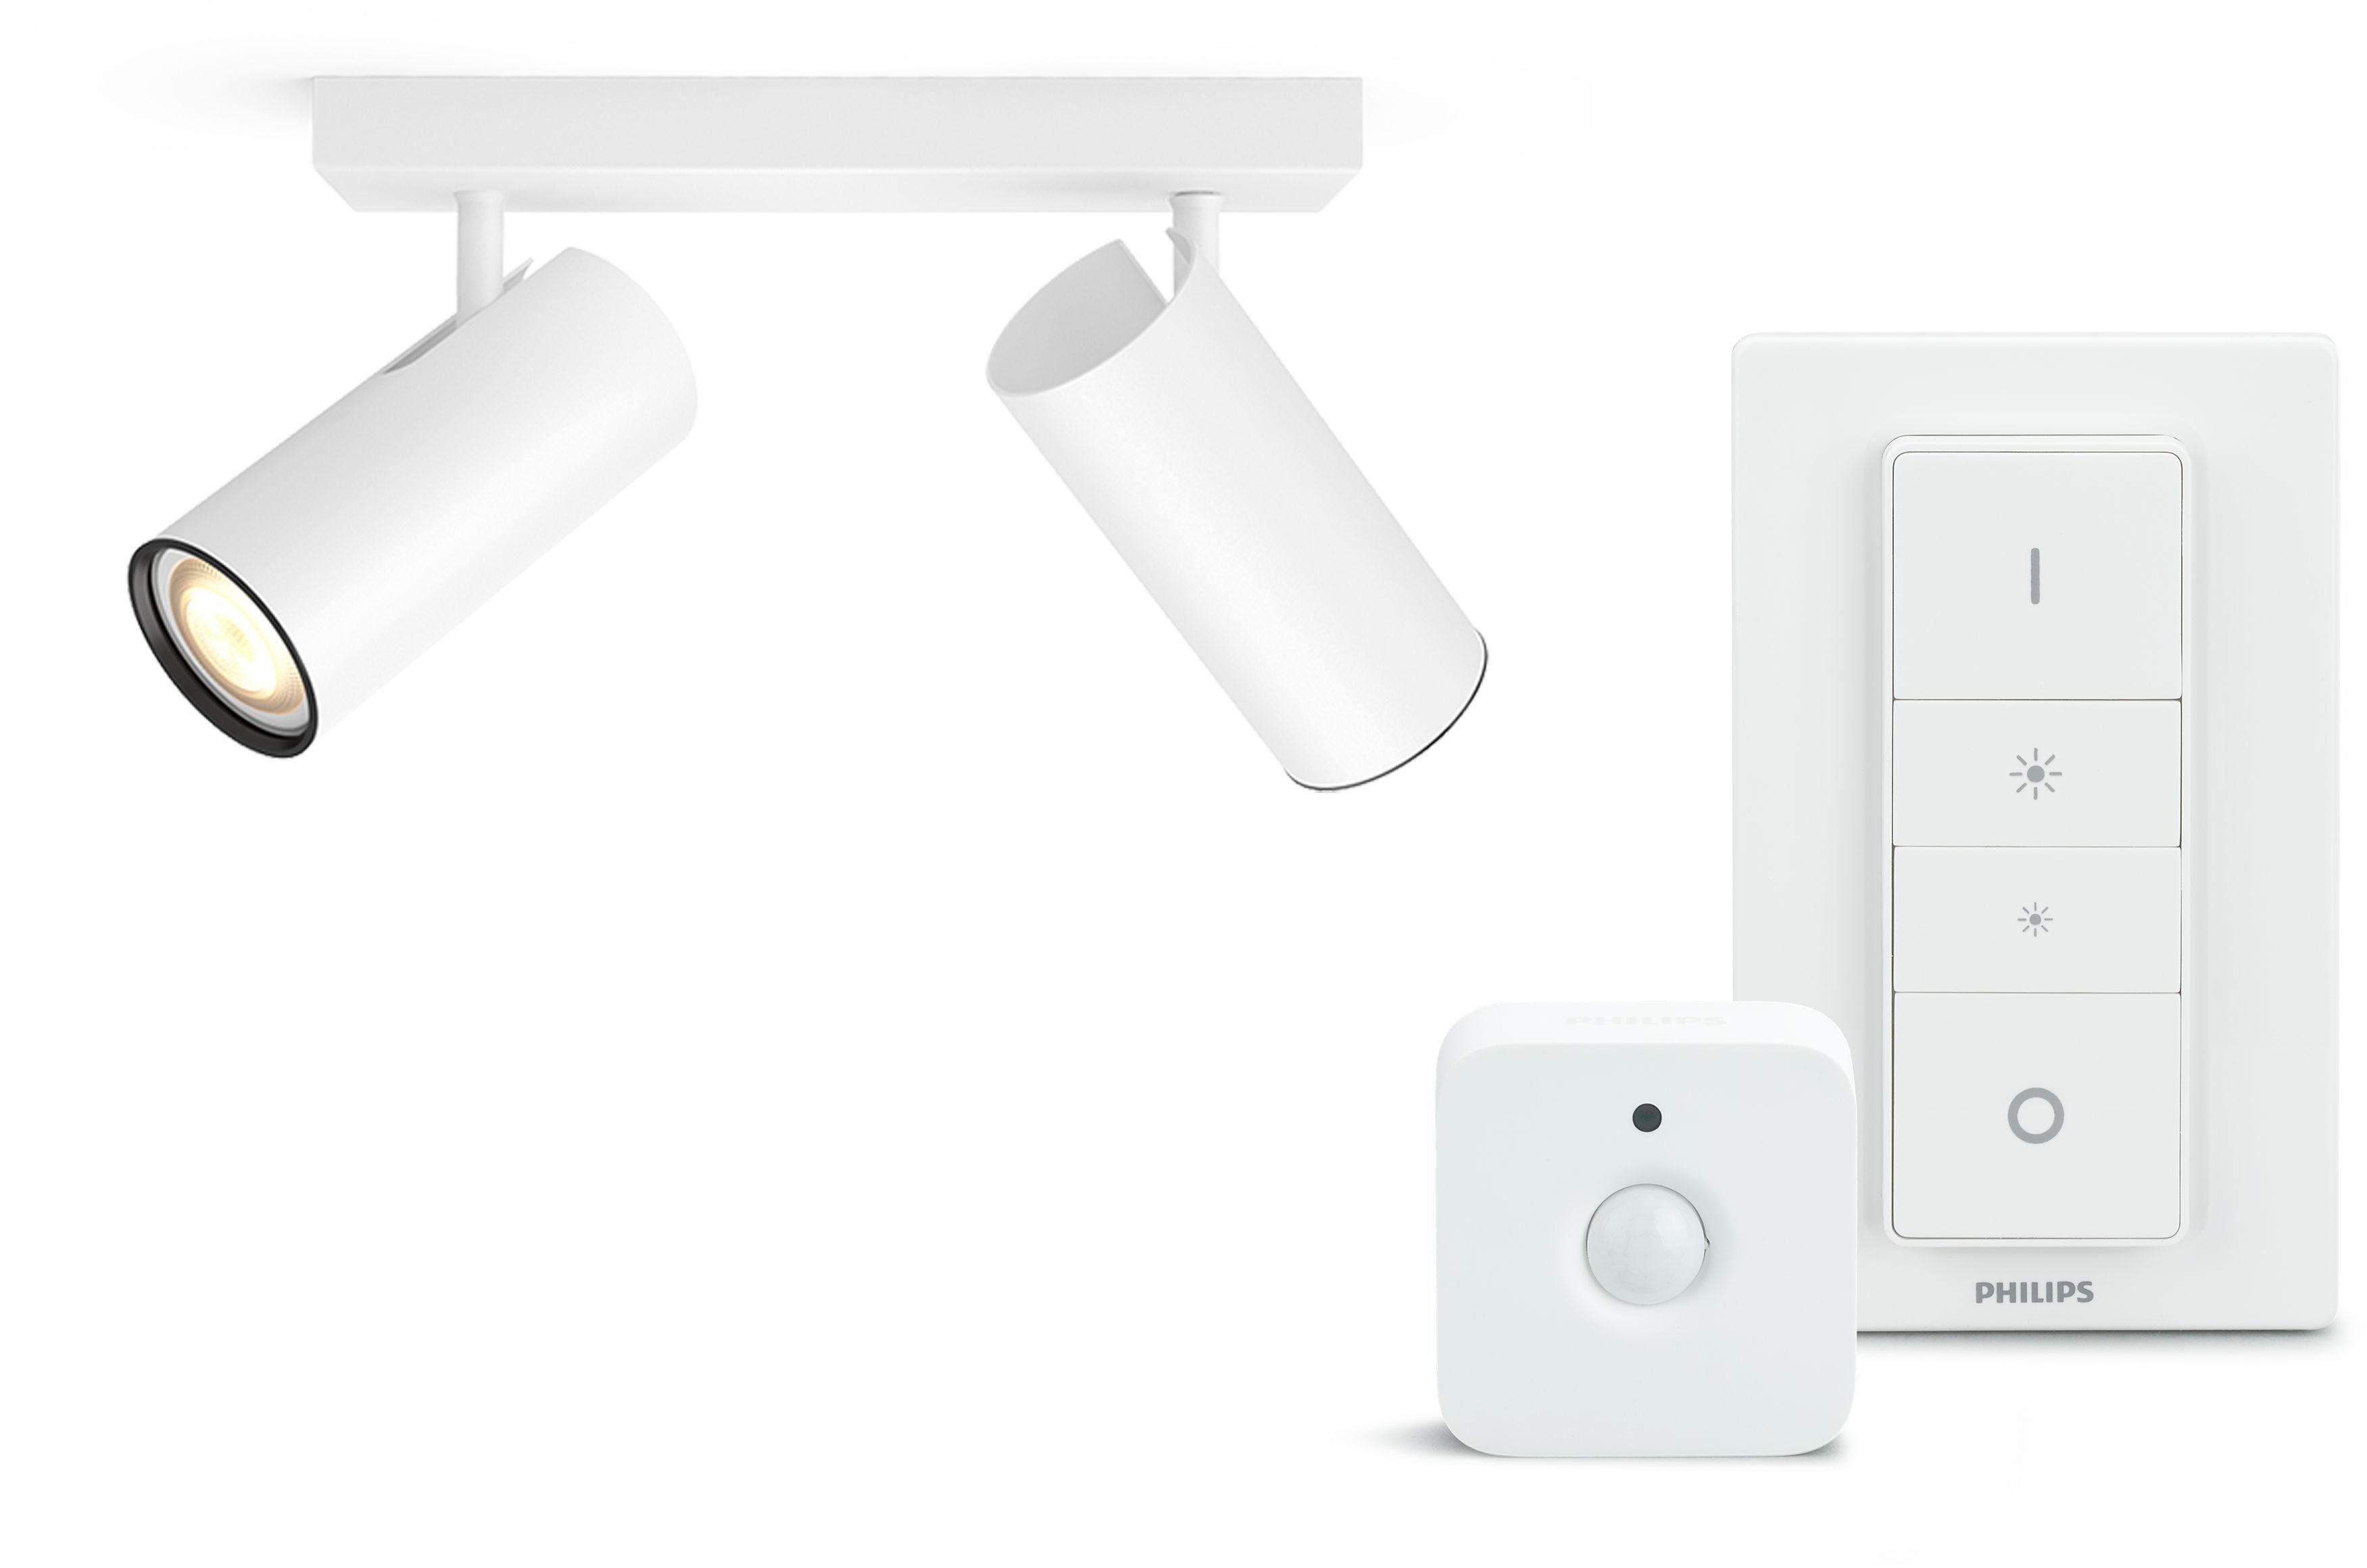 Philips Hue LED Deckenspot »LED Spot Buratto weiß inkl. Dimmschalter und Bewegungsmelder«, 2-flammig, Farbwechsler, Neutralweiß - Tageslichtweiß - Warmweiß, smartes LED-Lichtsystem mit APP-Steuerung